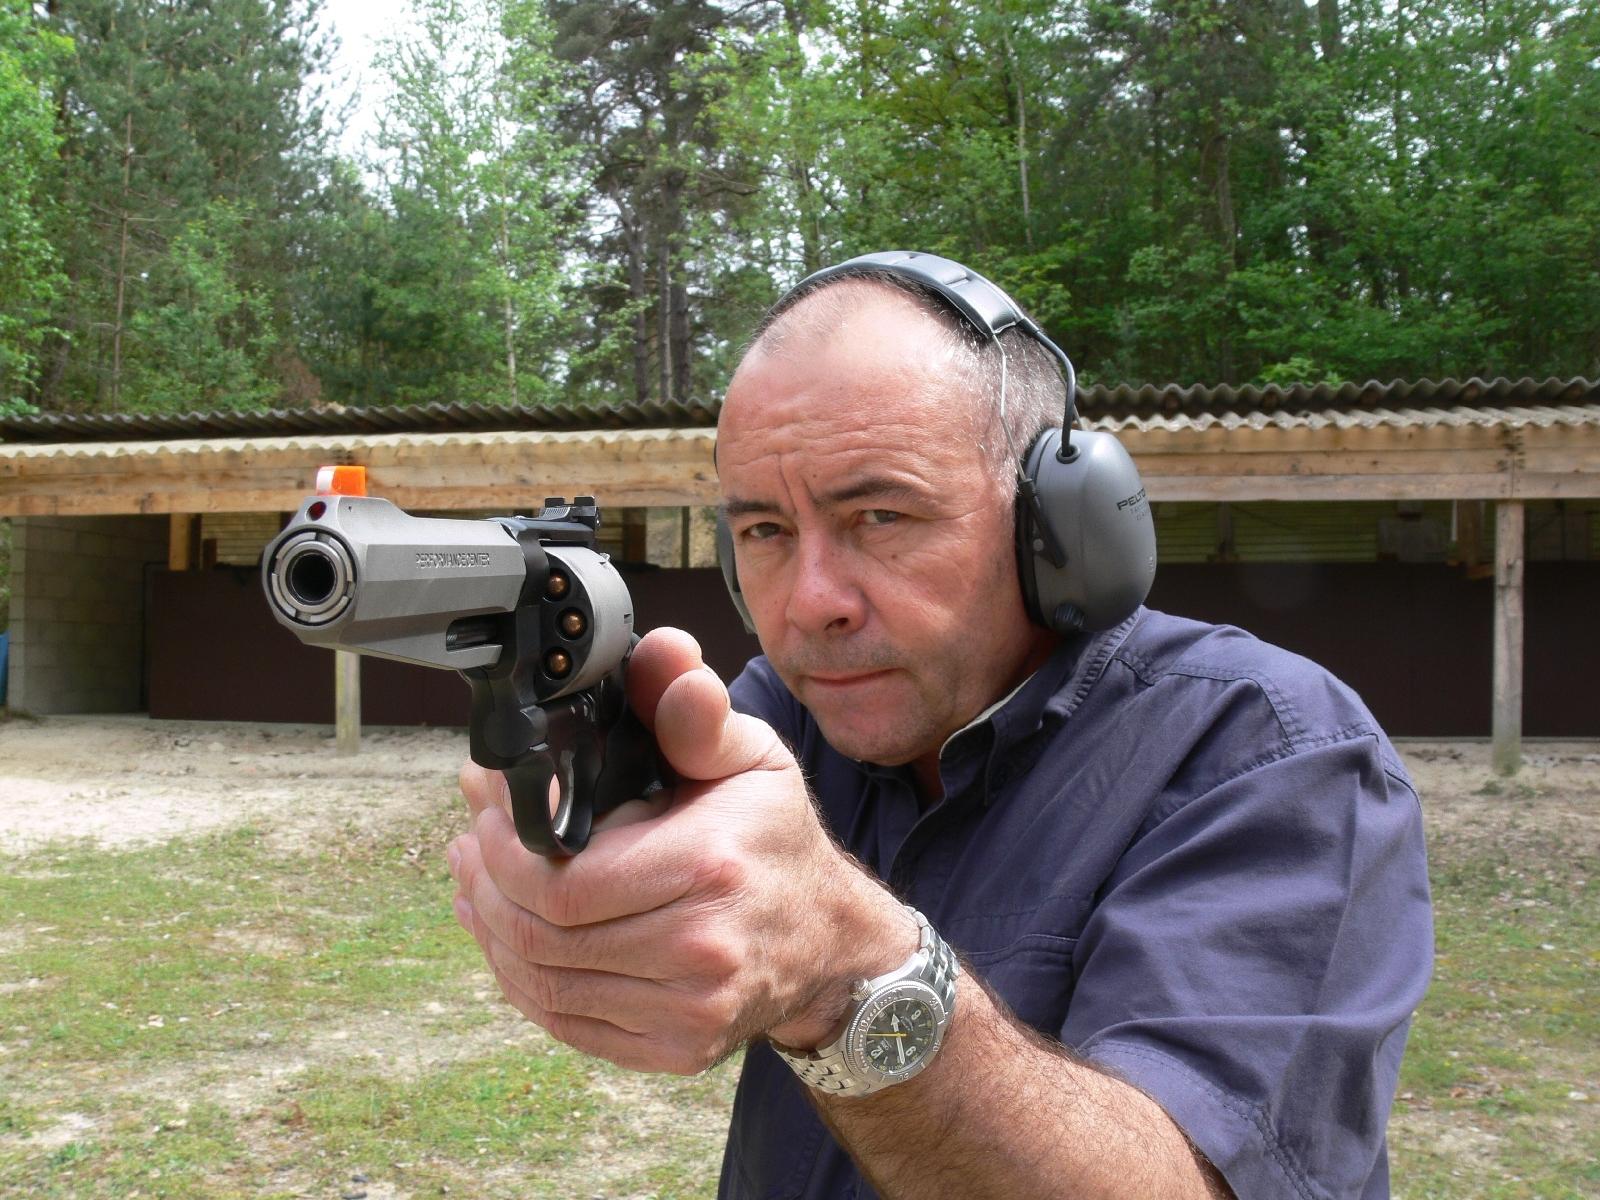 Revolver Smith & Wesson modèle 327 Airlite SC Target en calibre .357 Magnum, lors de notre banc d'essai réalisé en 2008.